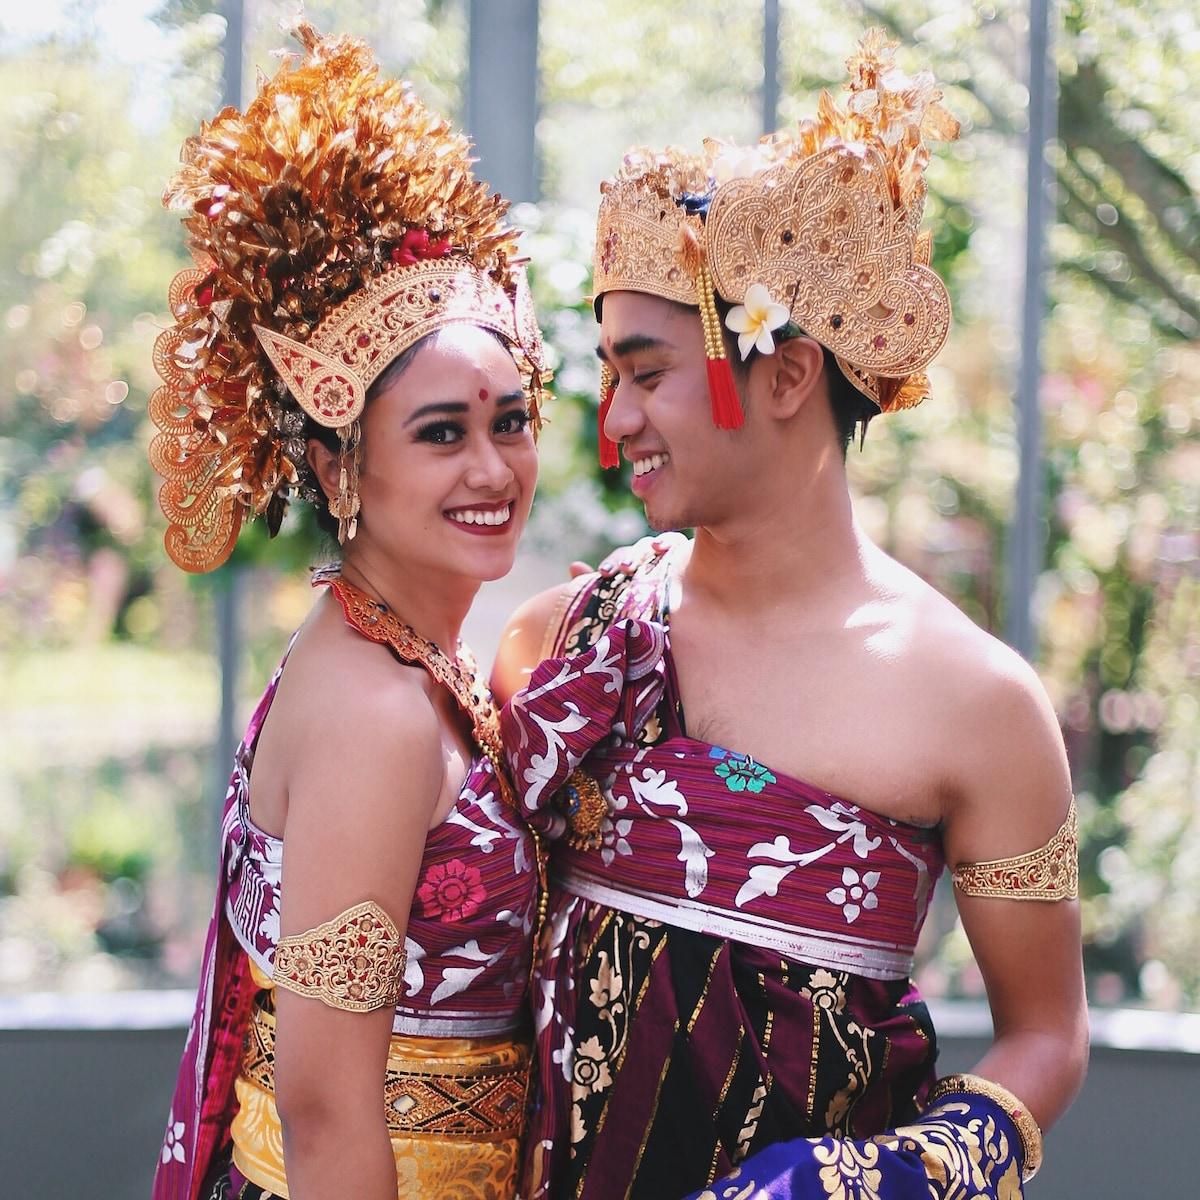 Matakami from Yogyakarta